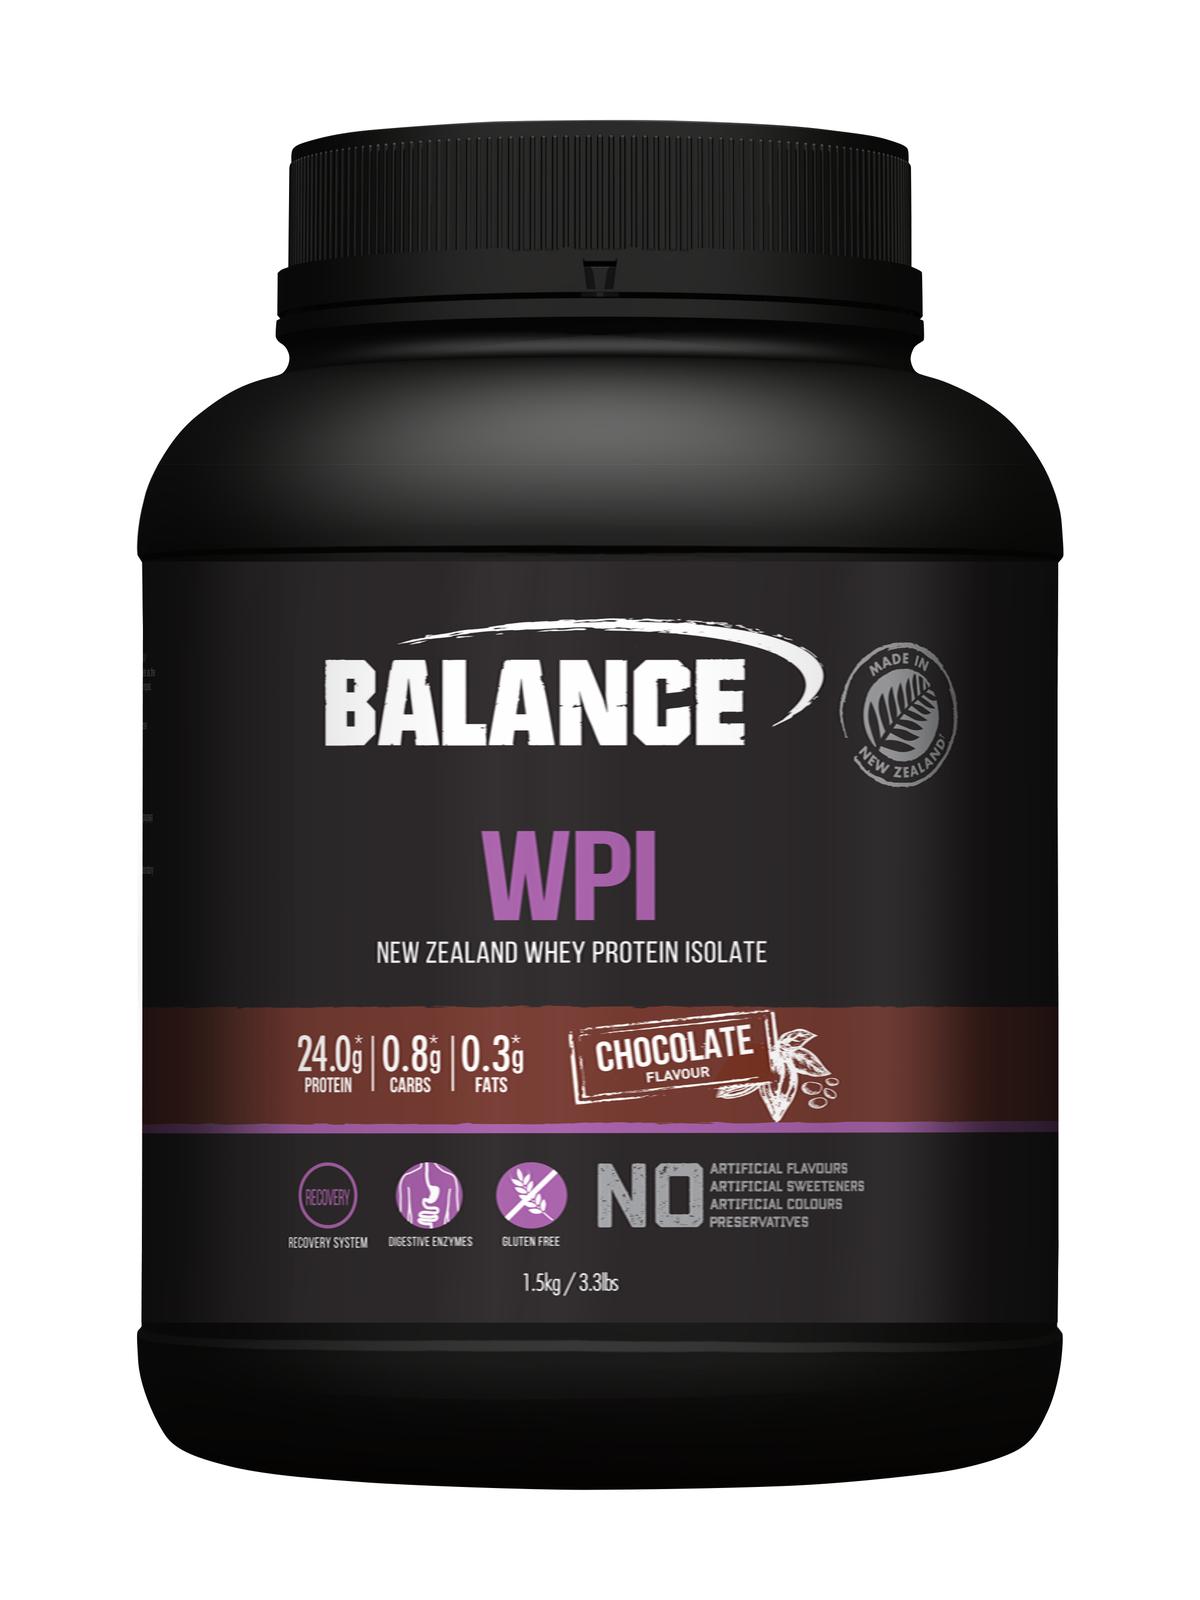 Balance WPI - Whey Protein Isolate Powder - Chocolate (1.5kg) image